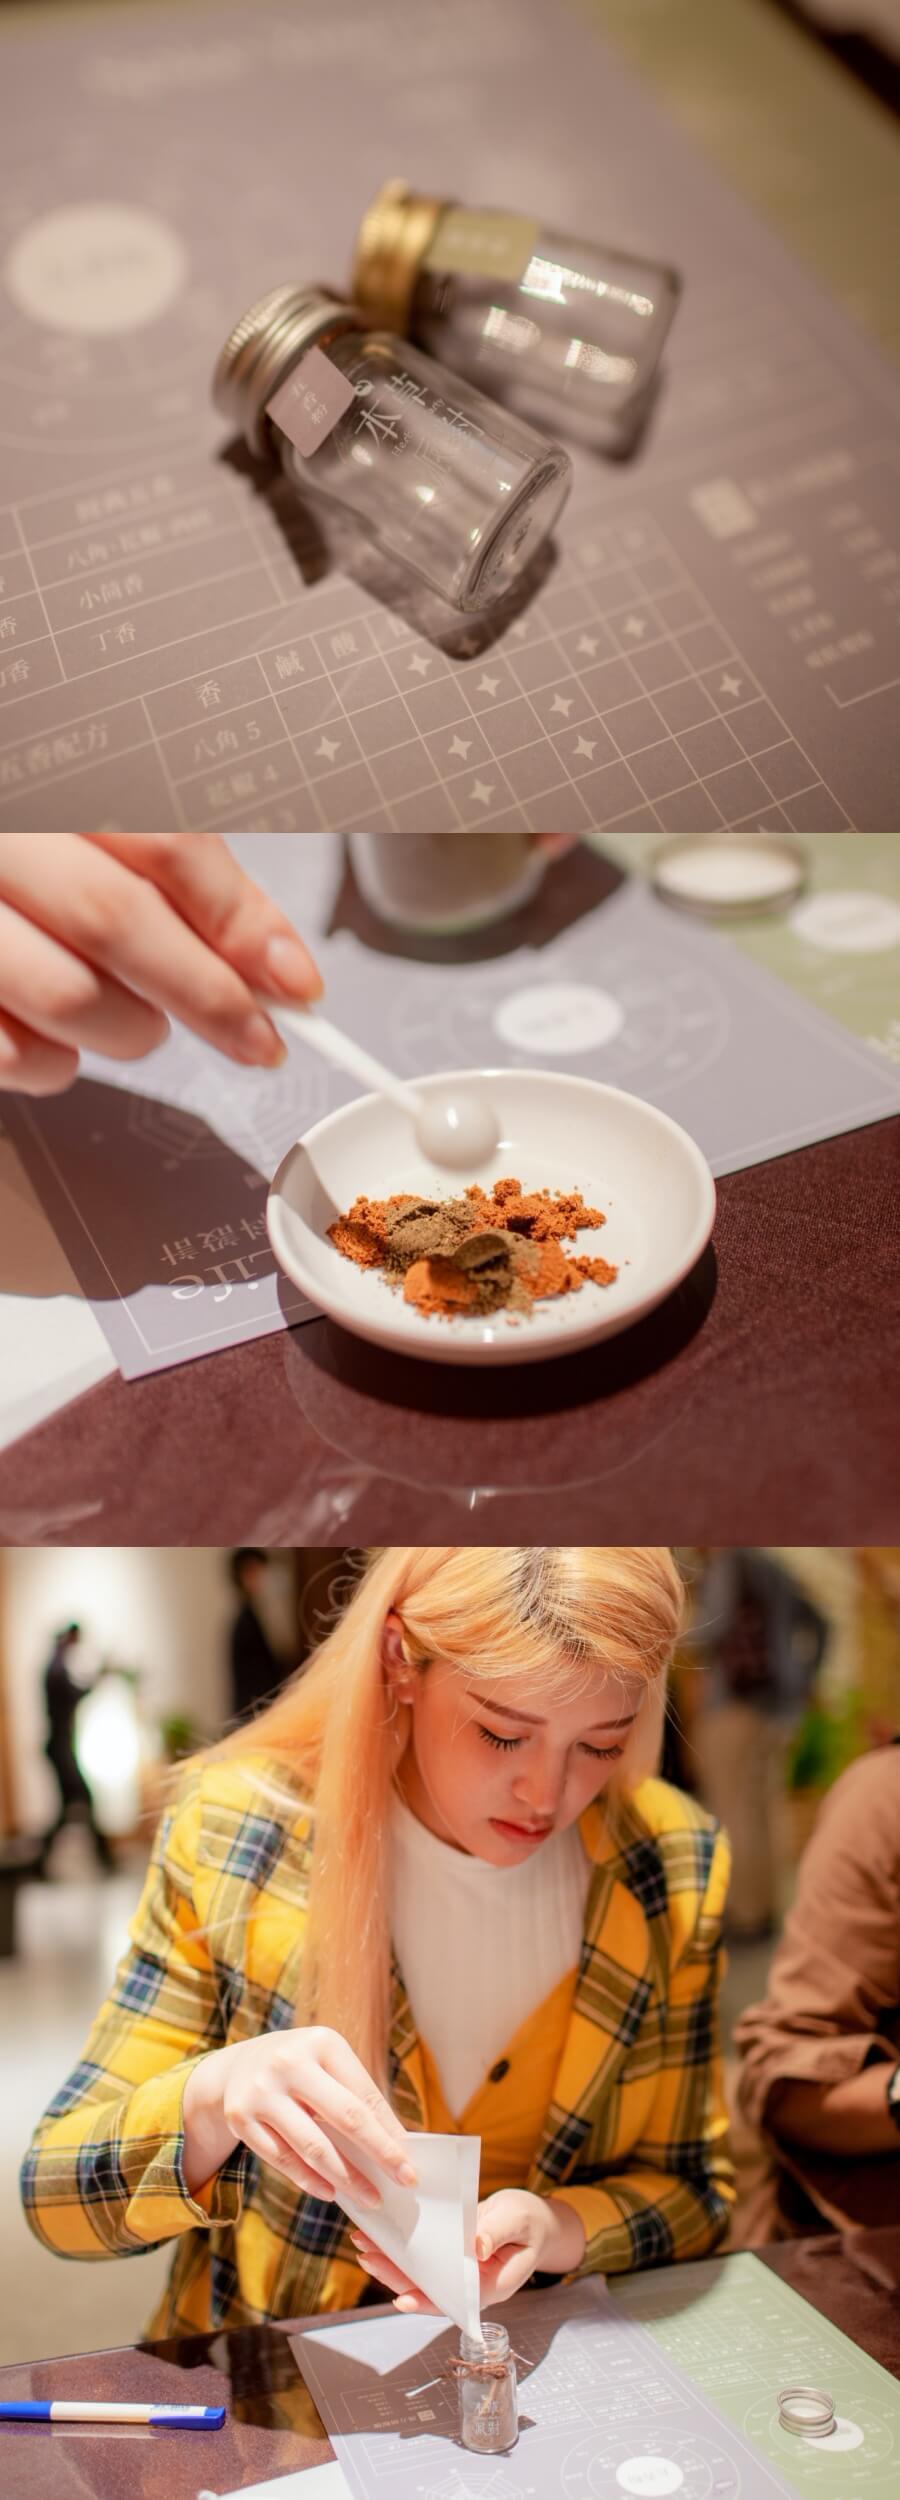 咖哩粉 食譜